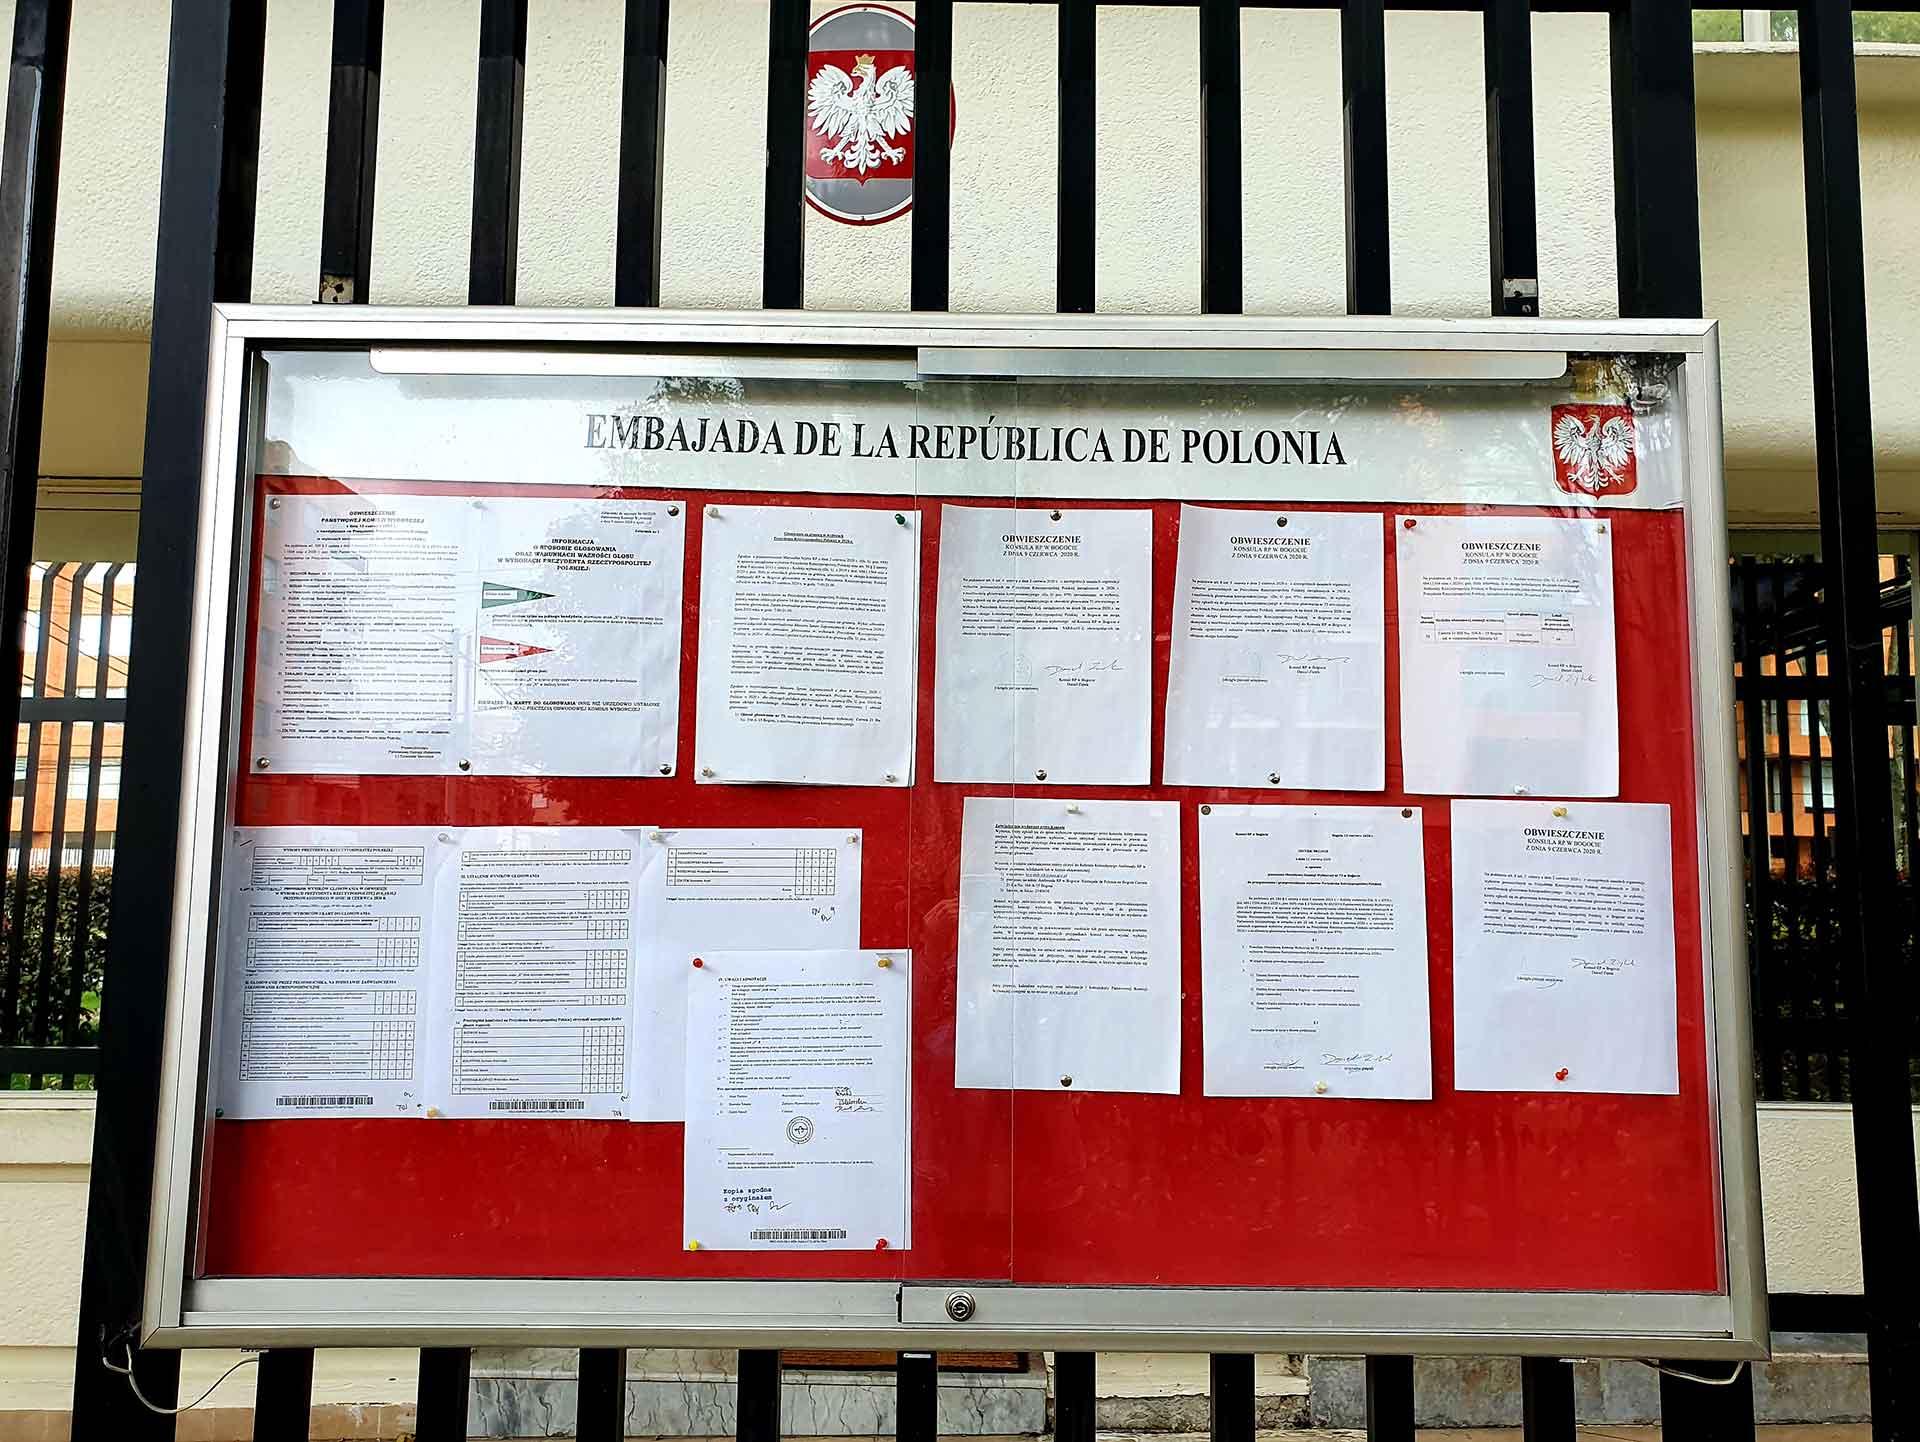 galota ogłoszeniowa na ogrodzeniu ambasady polski w kolumbii